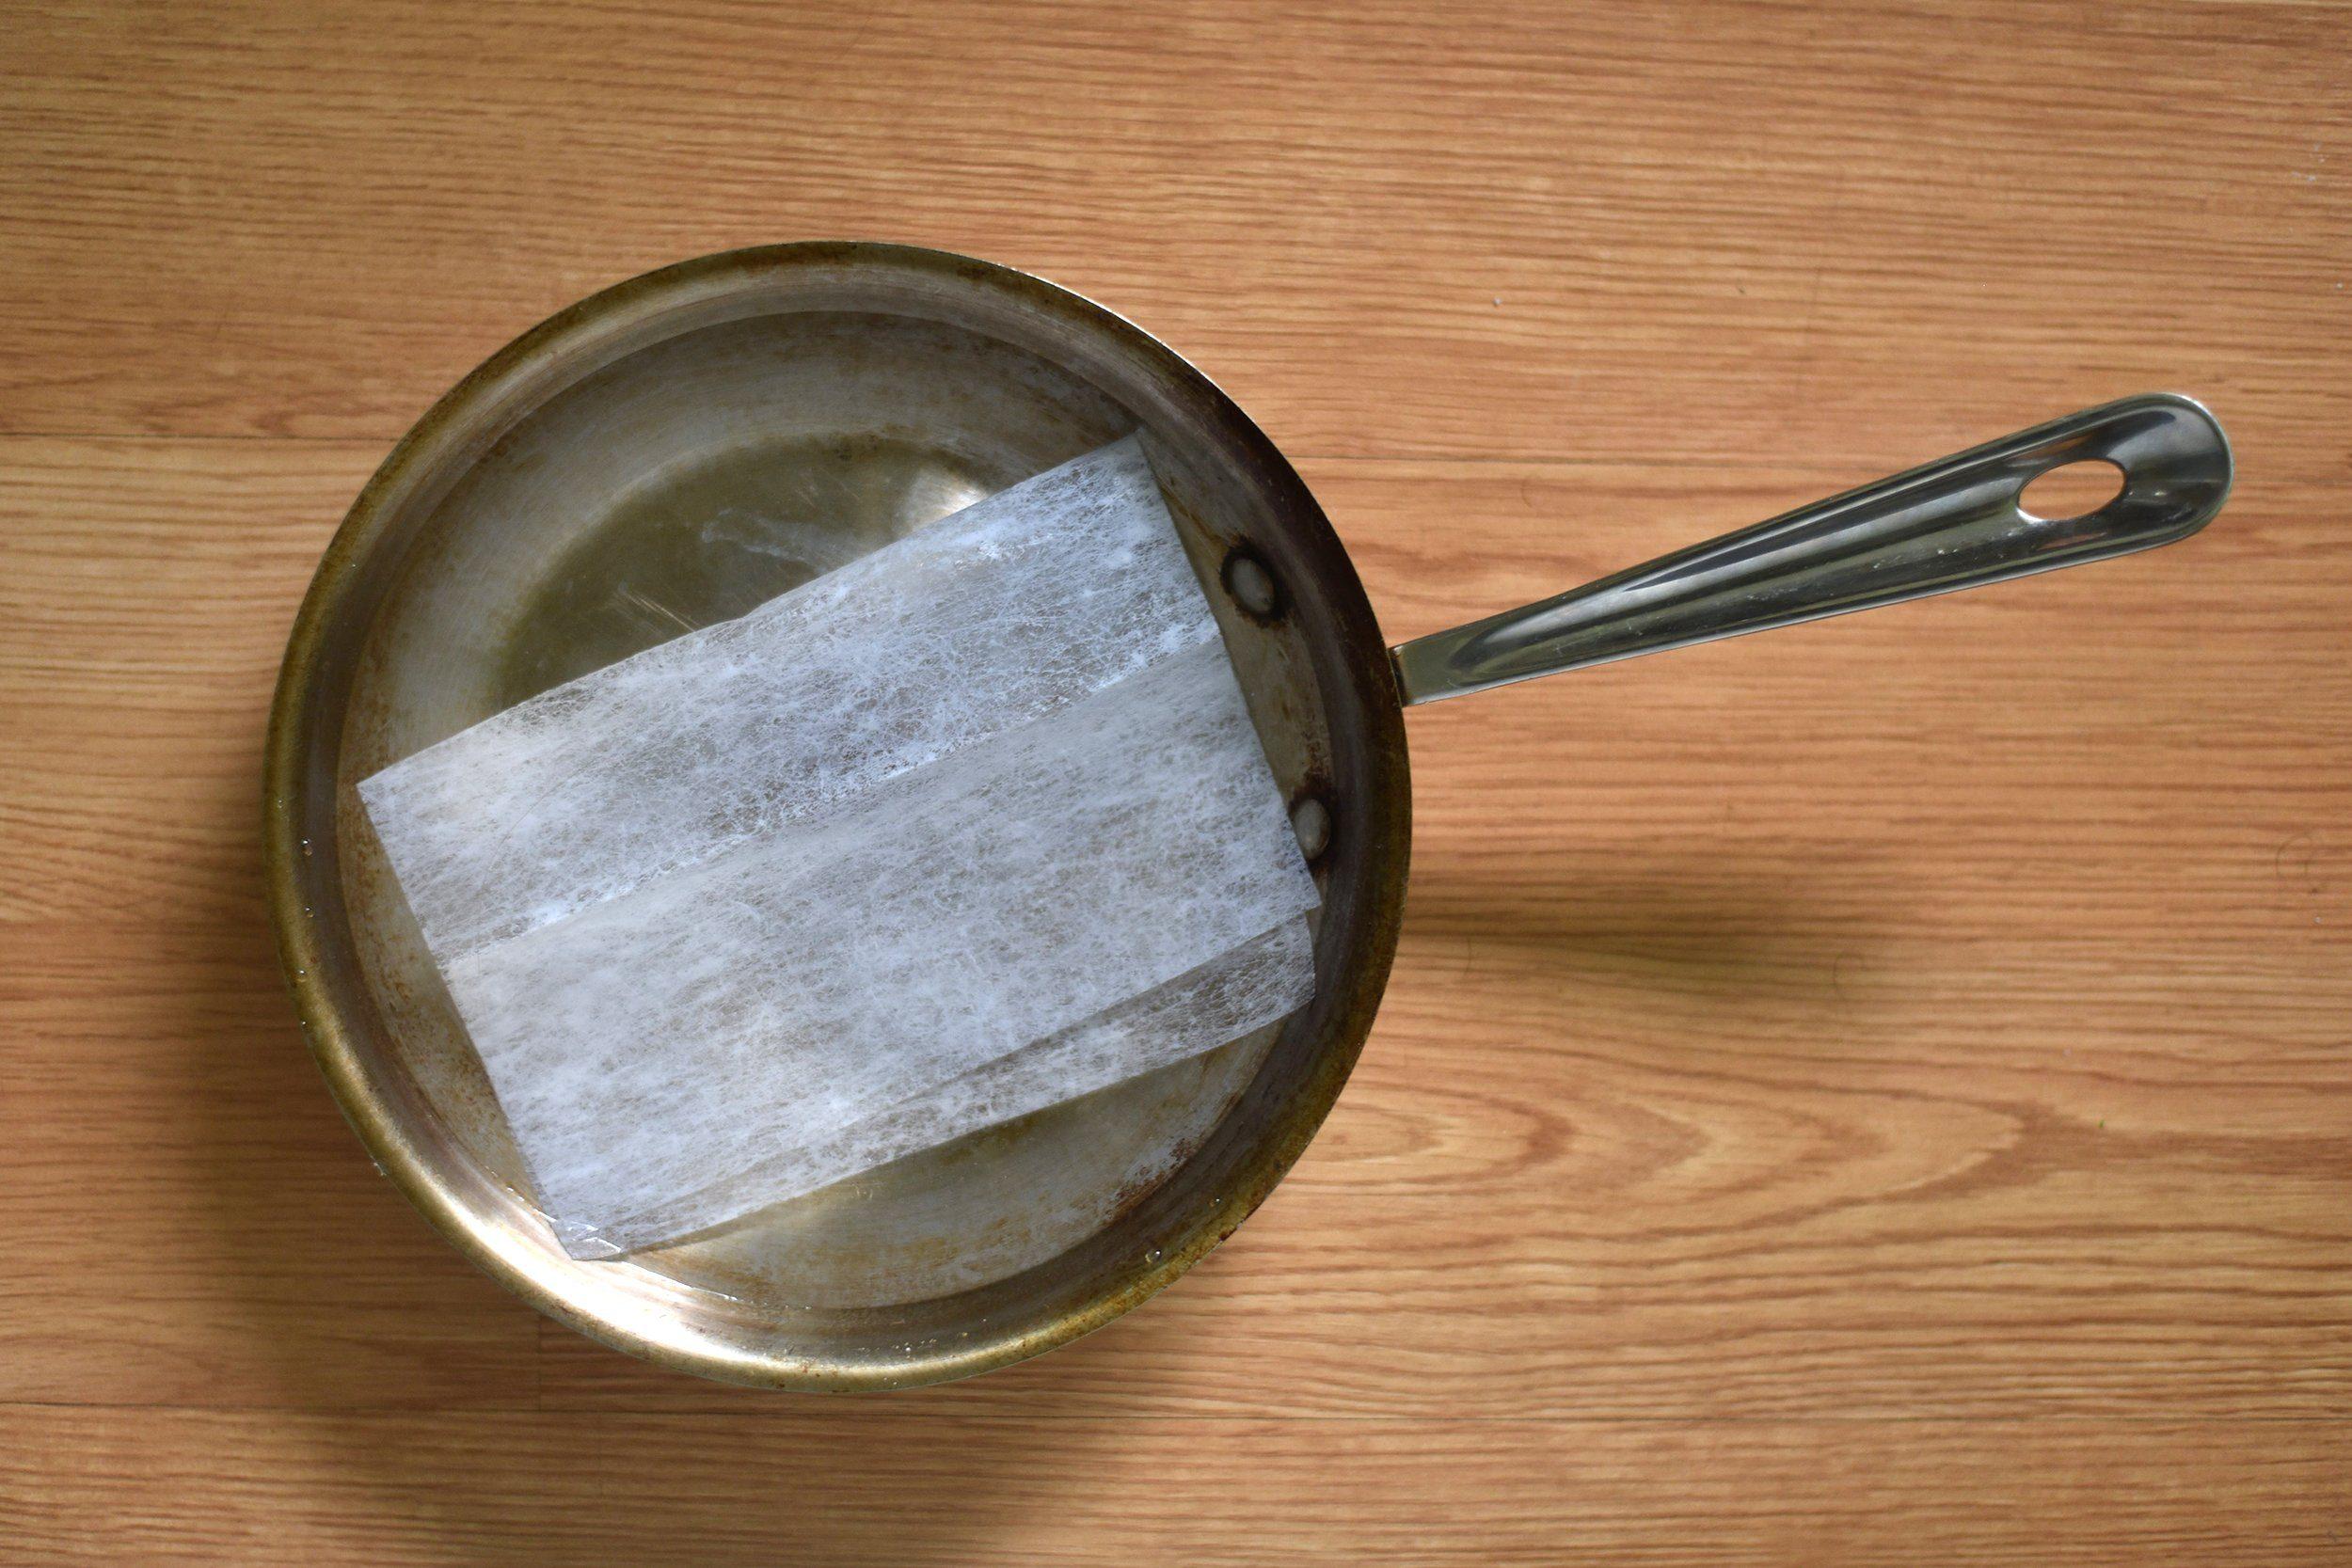 dryer sheet burnt food